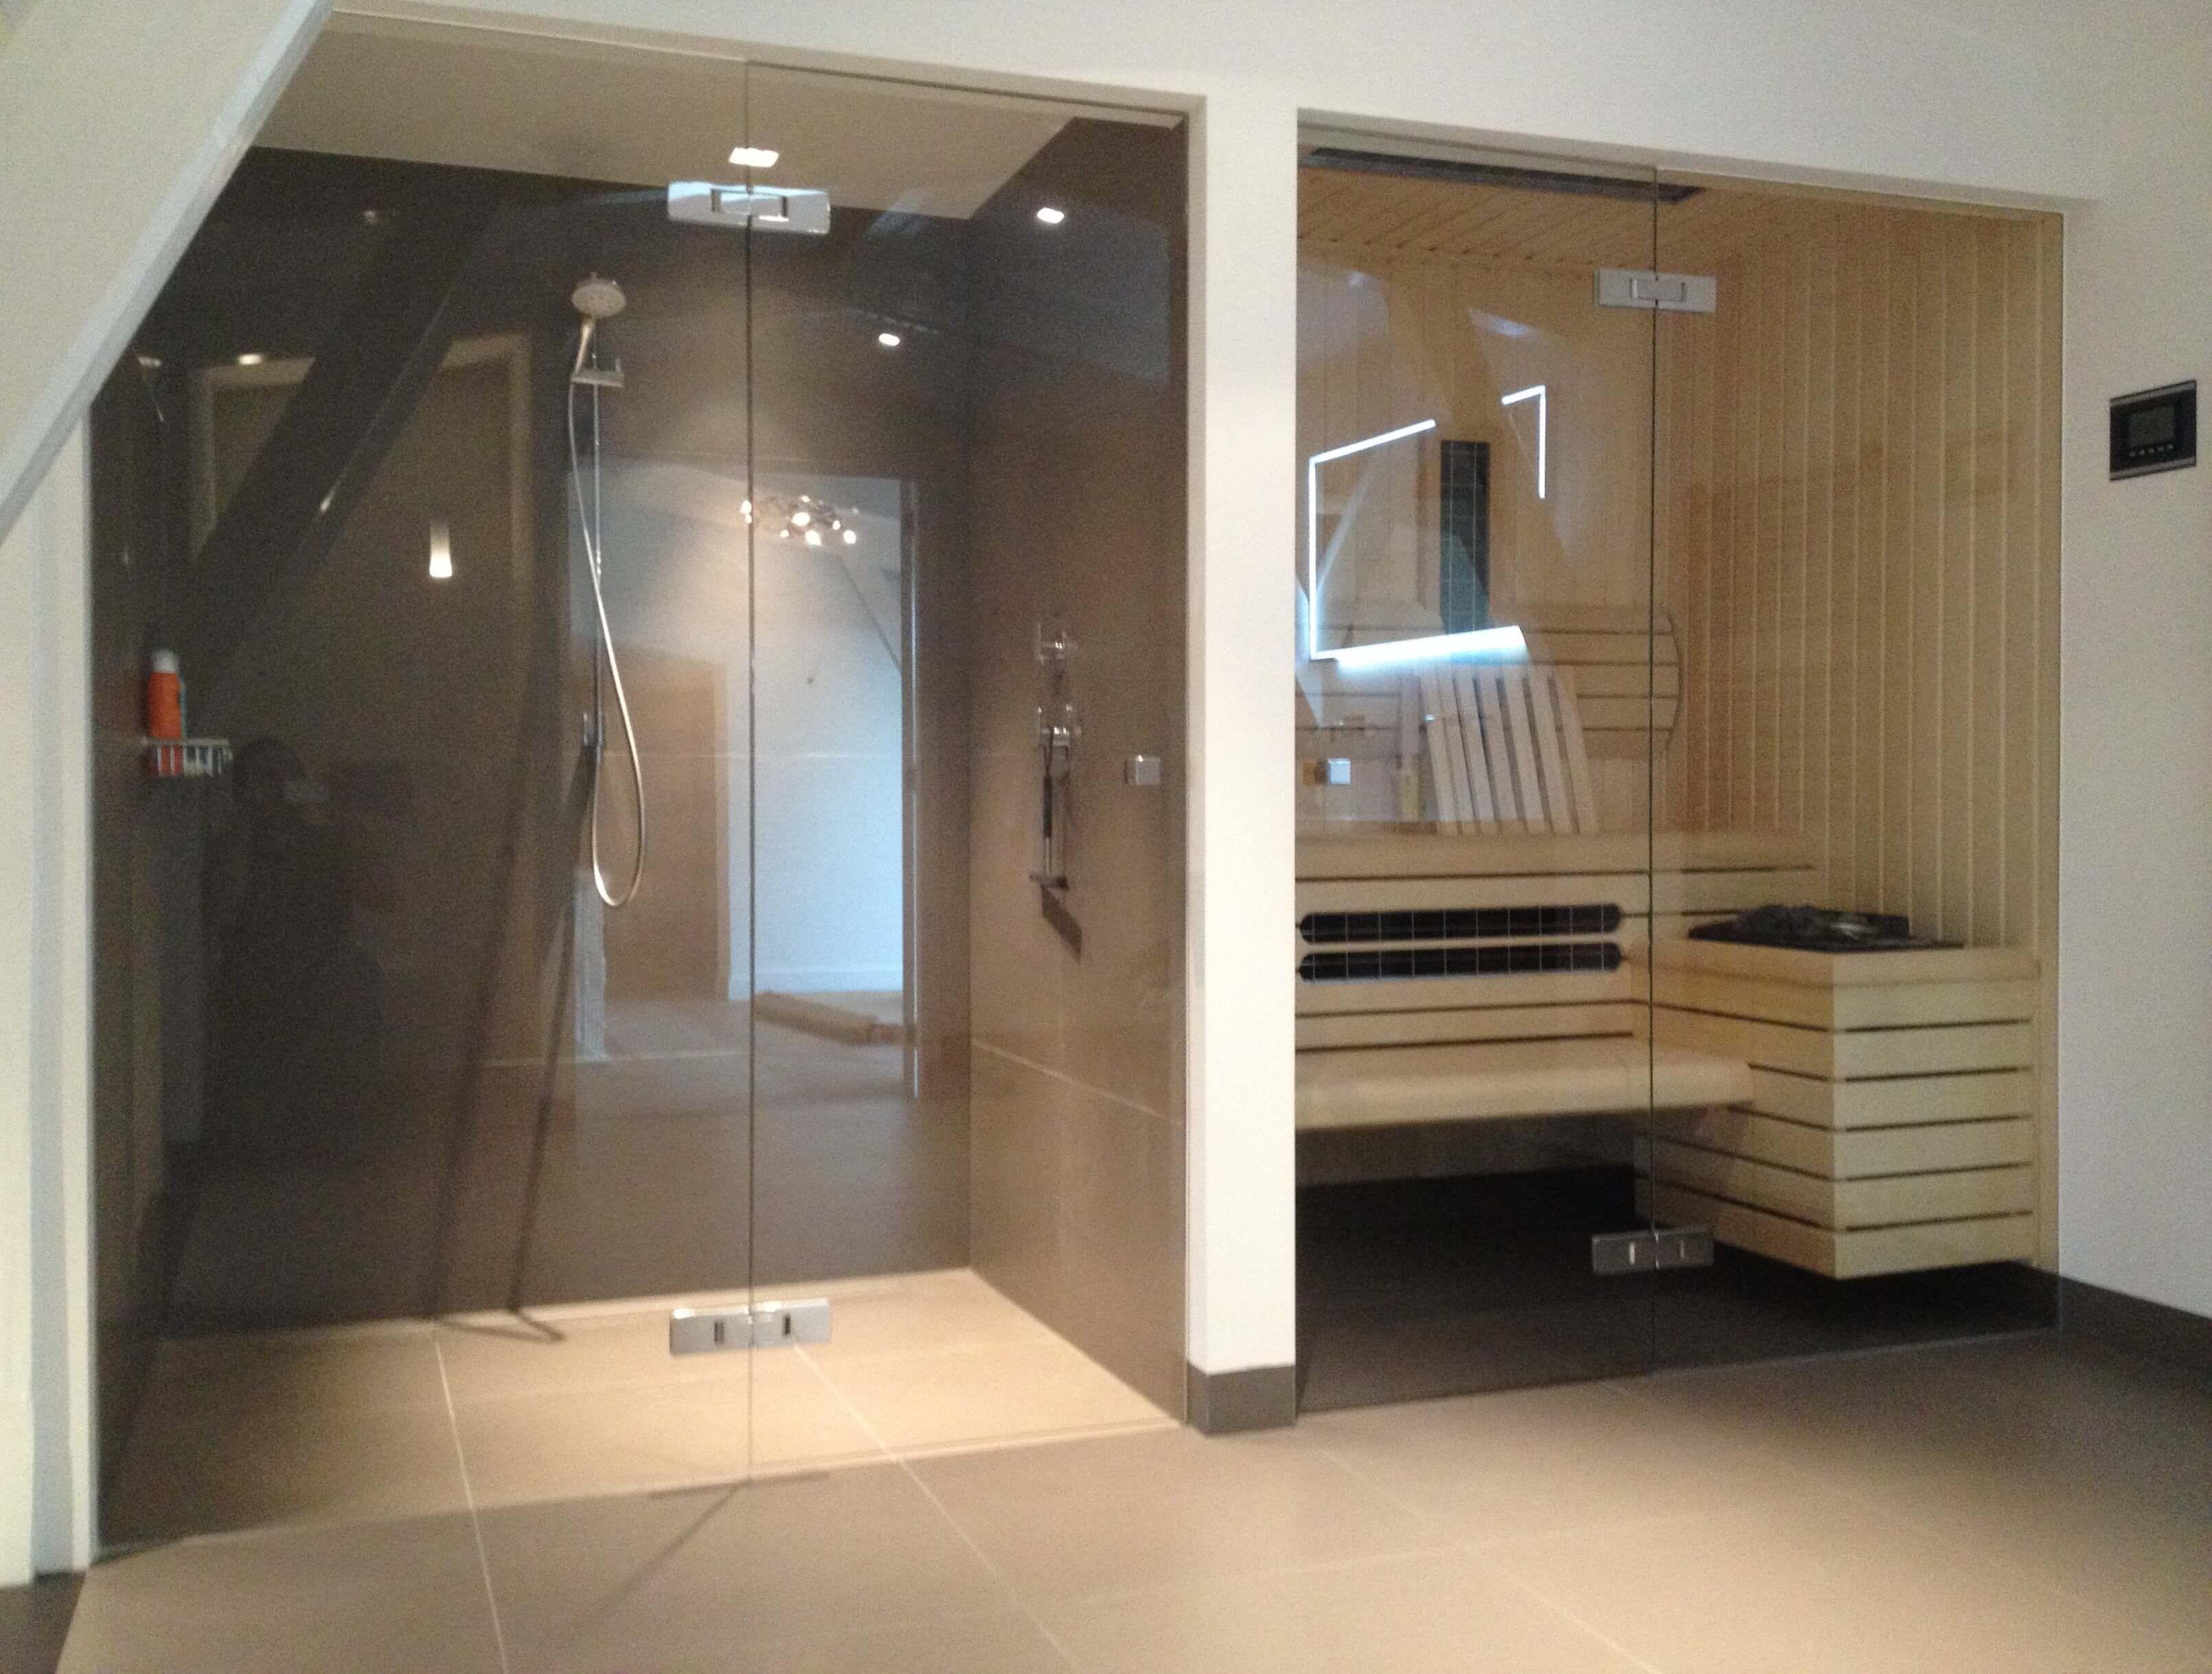 Badkamer Met Sauna : Sauna in badkamer salle de bain pinterest bathroom basement